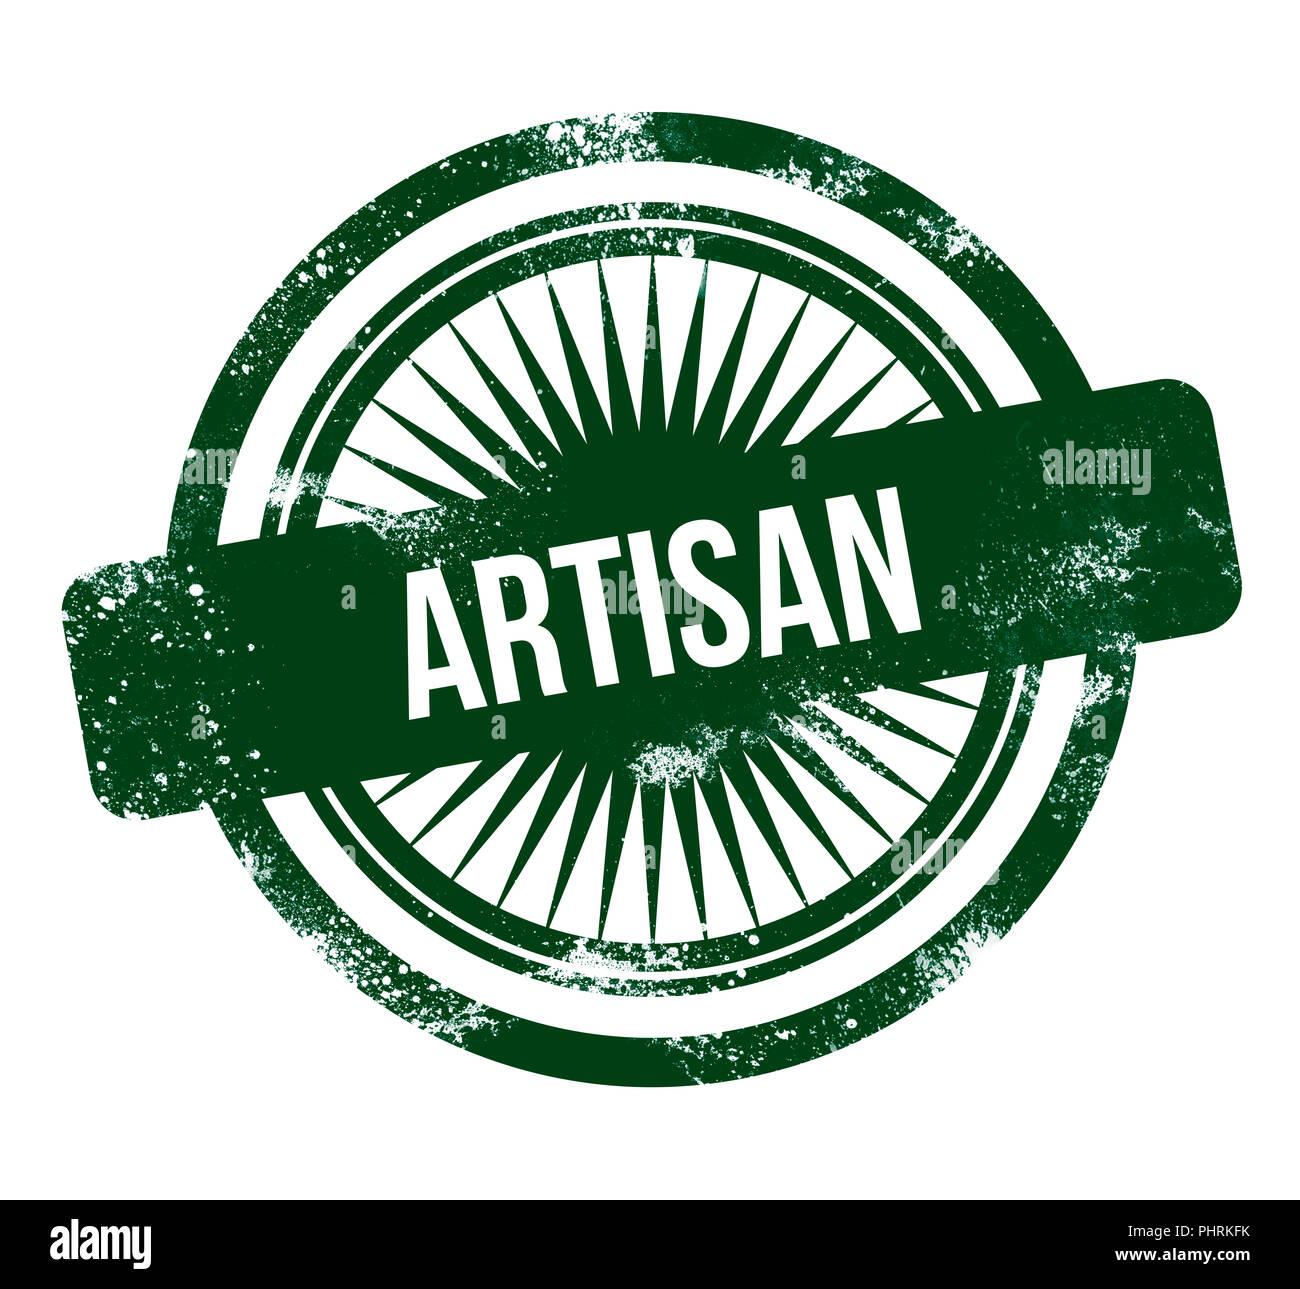 Artisan - green grunge stamp - Stock Image